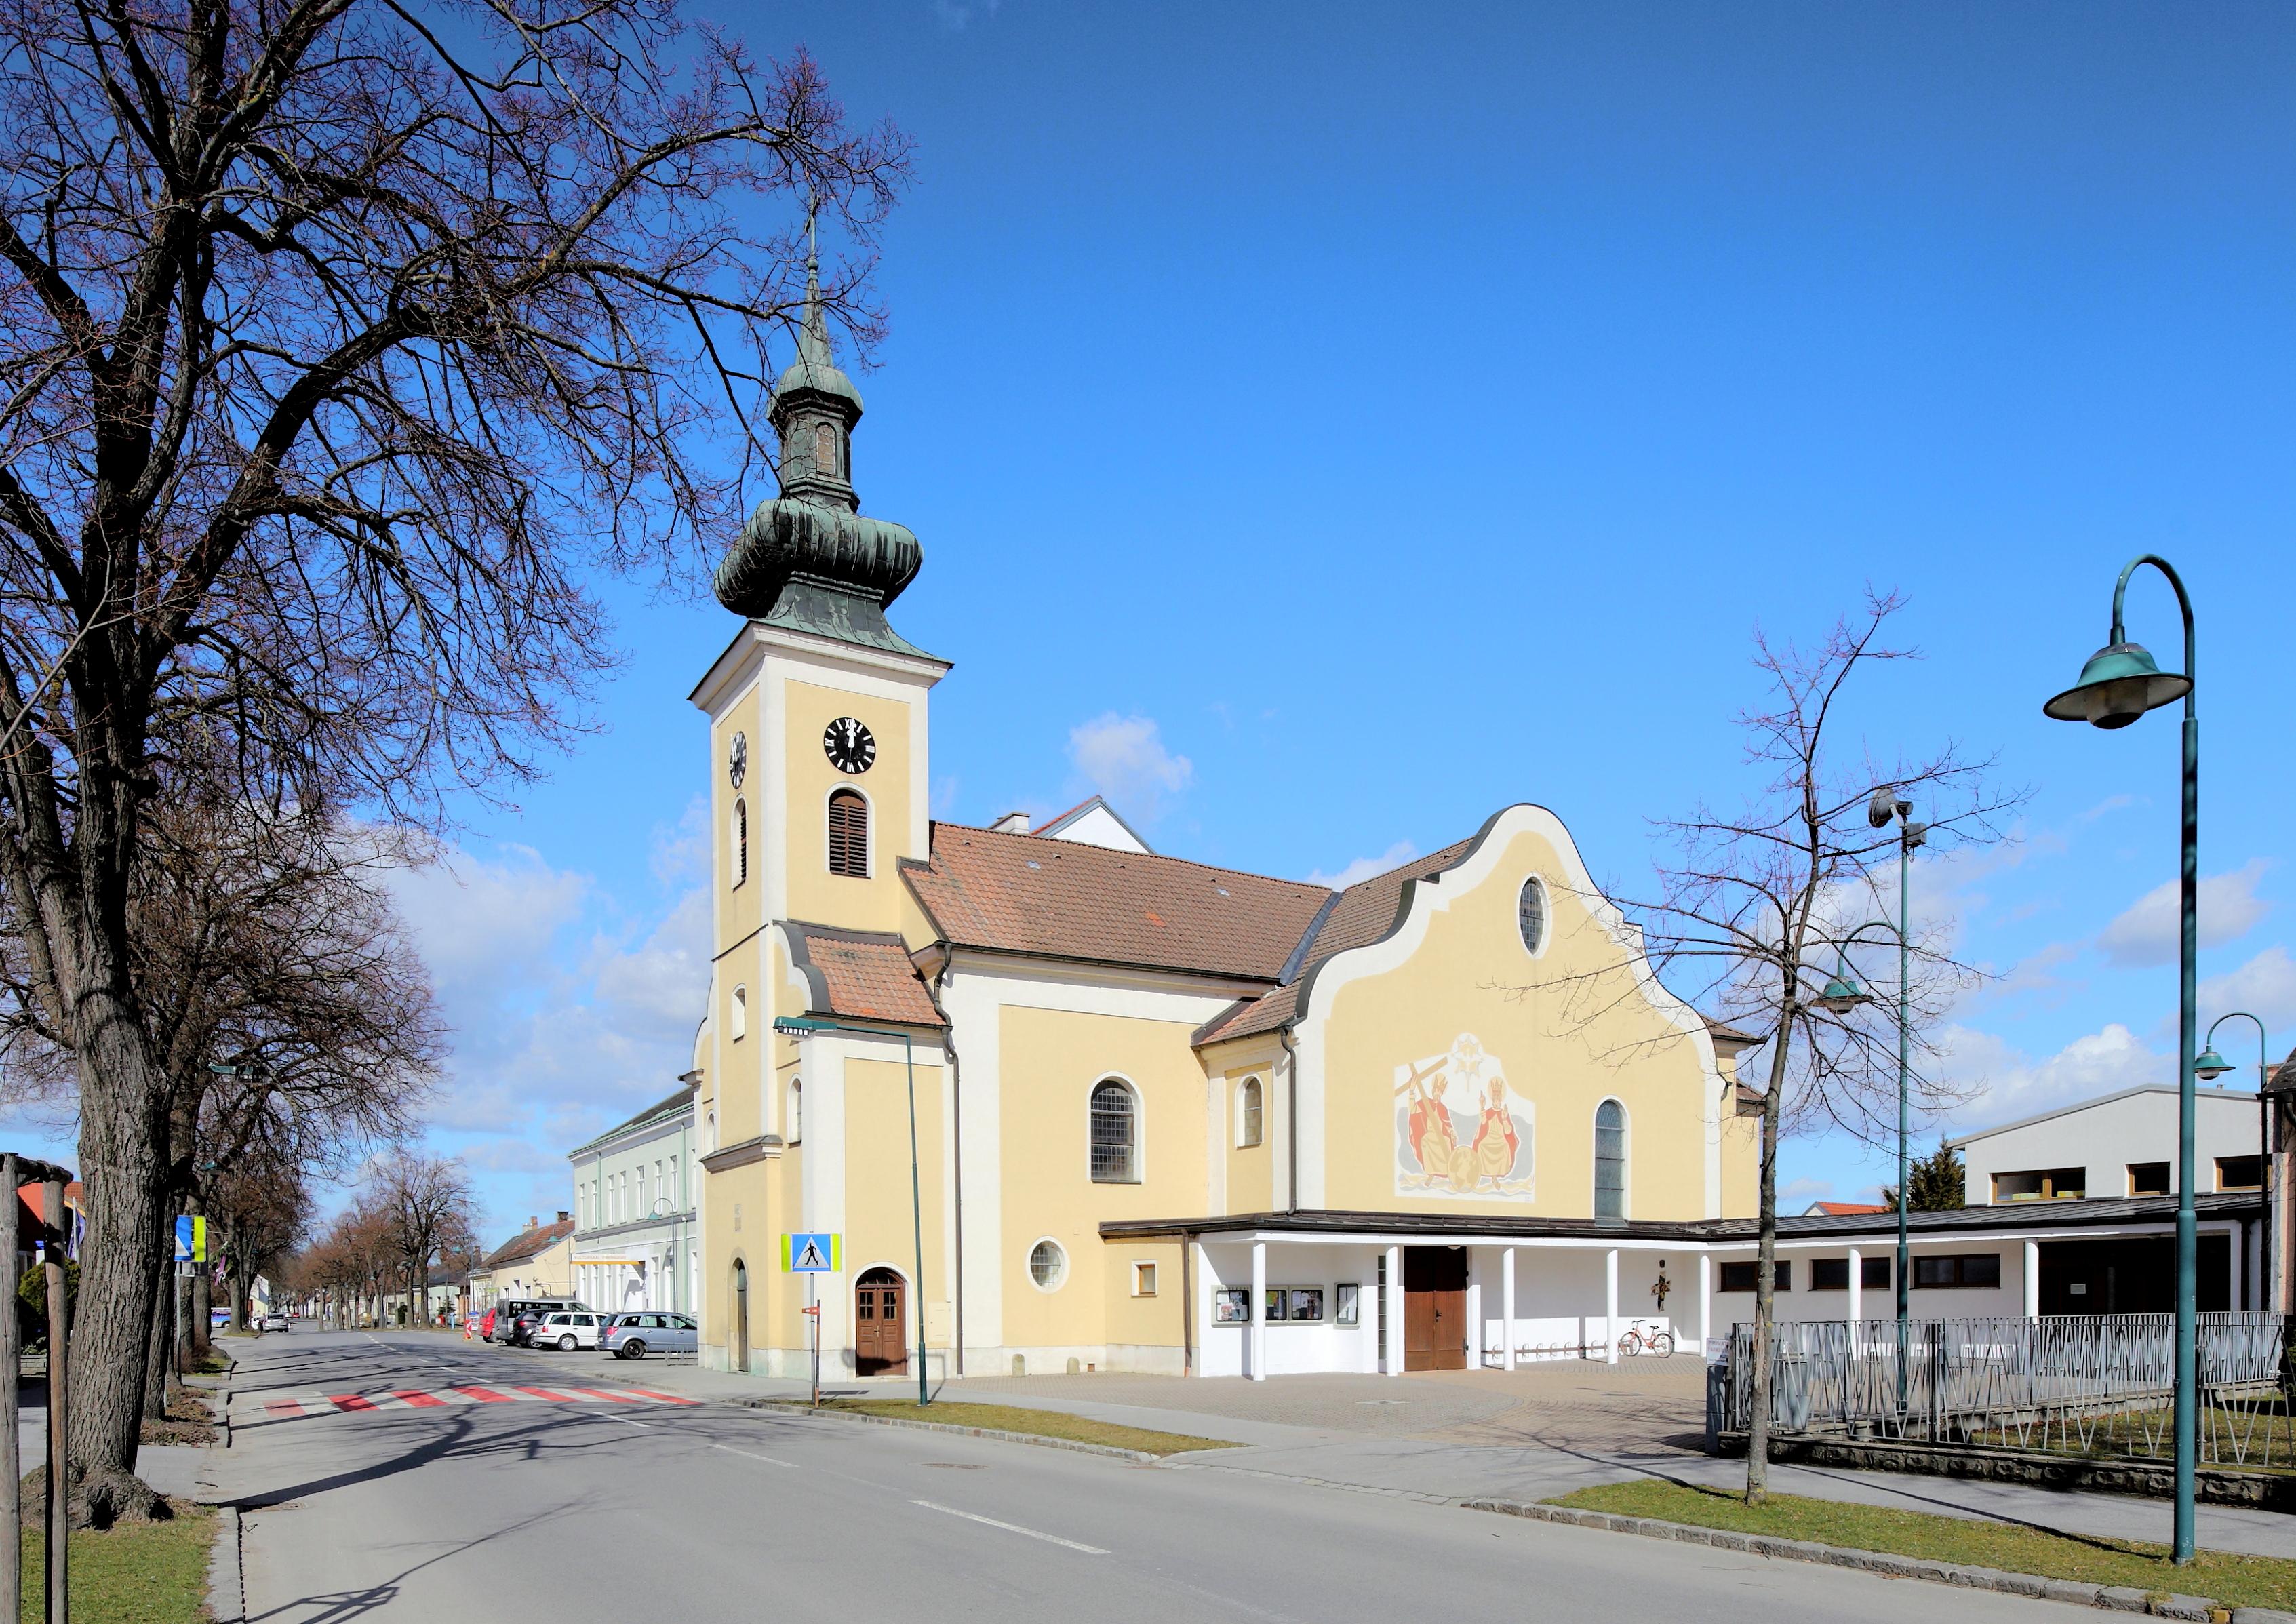 Datei:Obersdorf (Wolkersdorf) - Kirche.JPG - Wikipedia